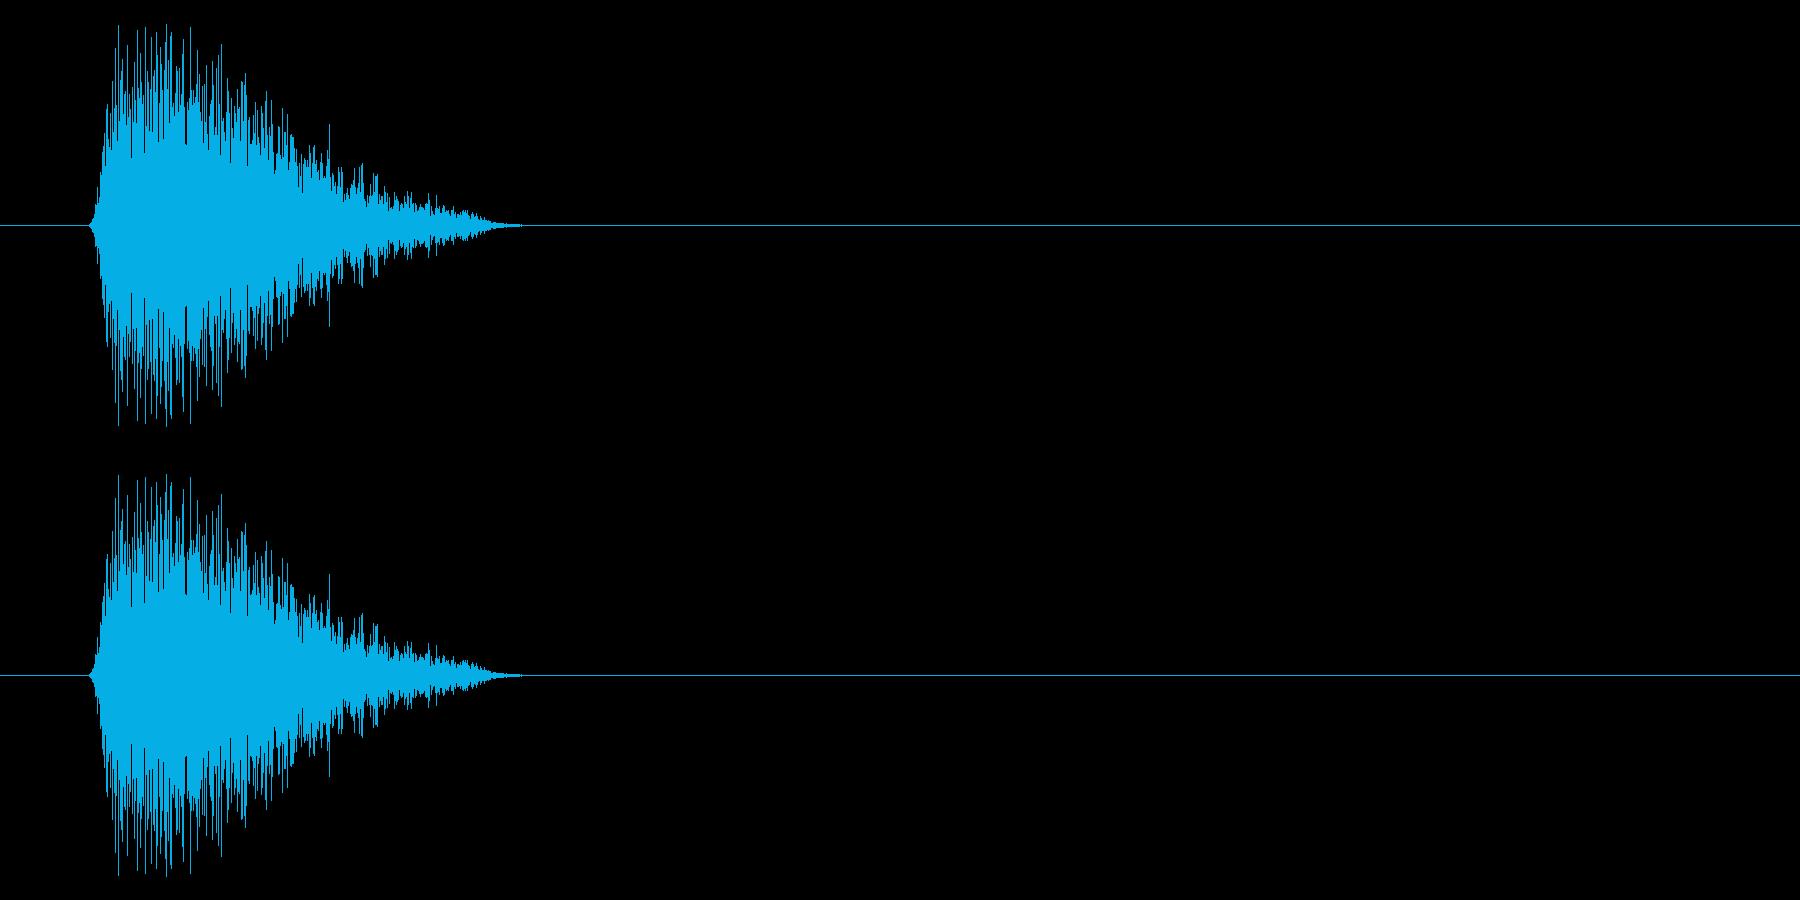 SNES サッカー01-03(スライディの再生済みの波形